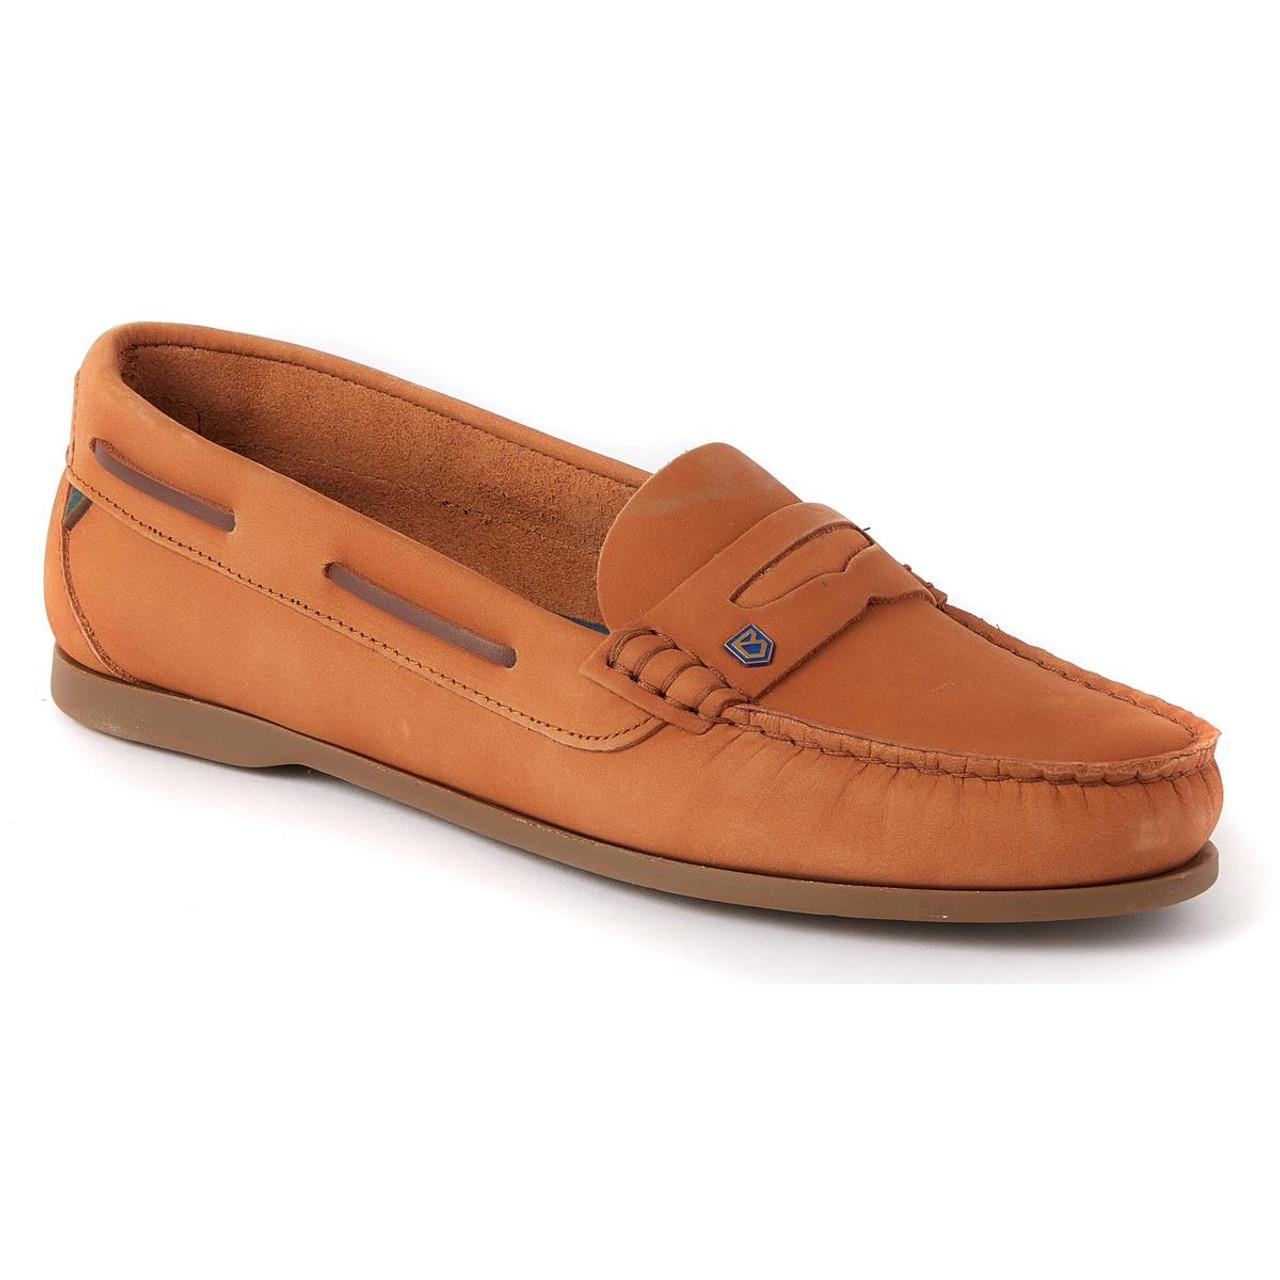 Dubarry Belize Deck Shoes